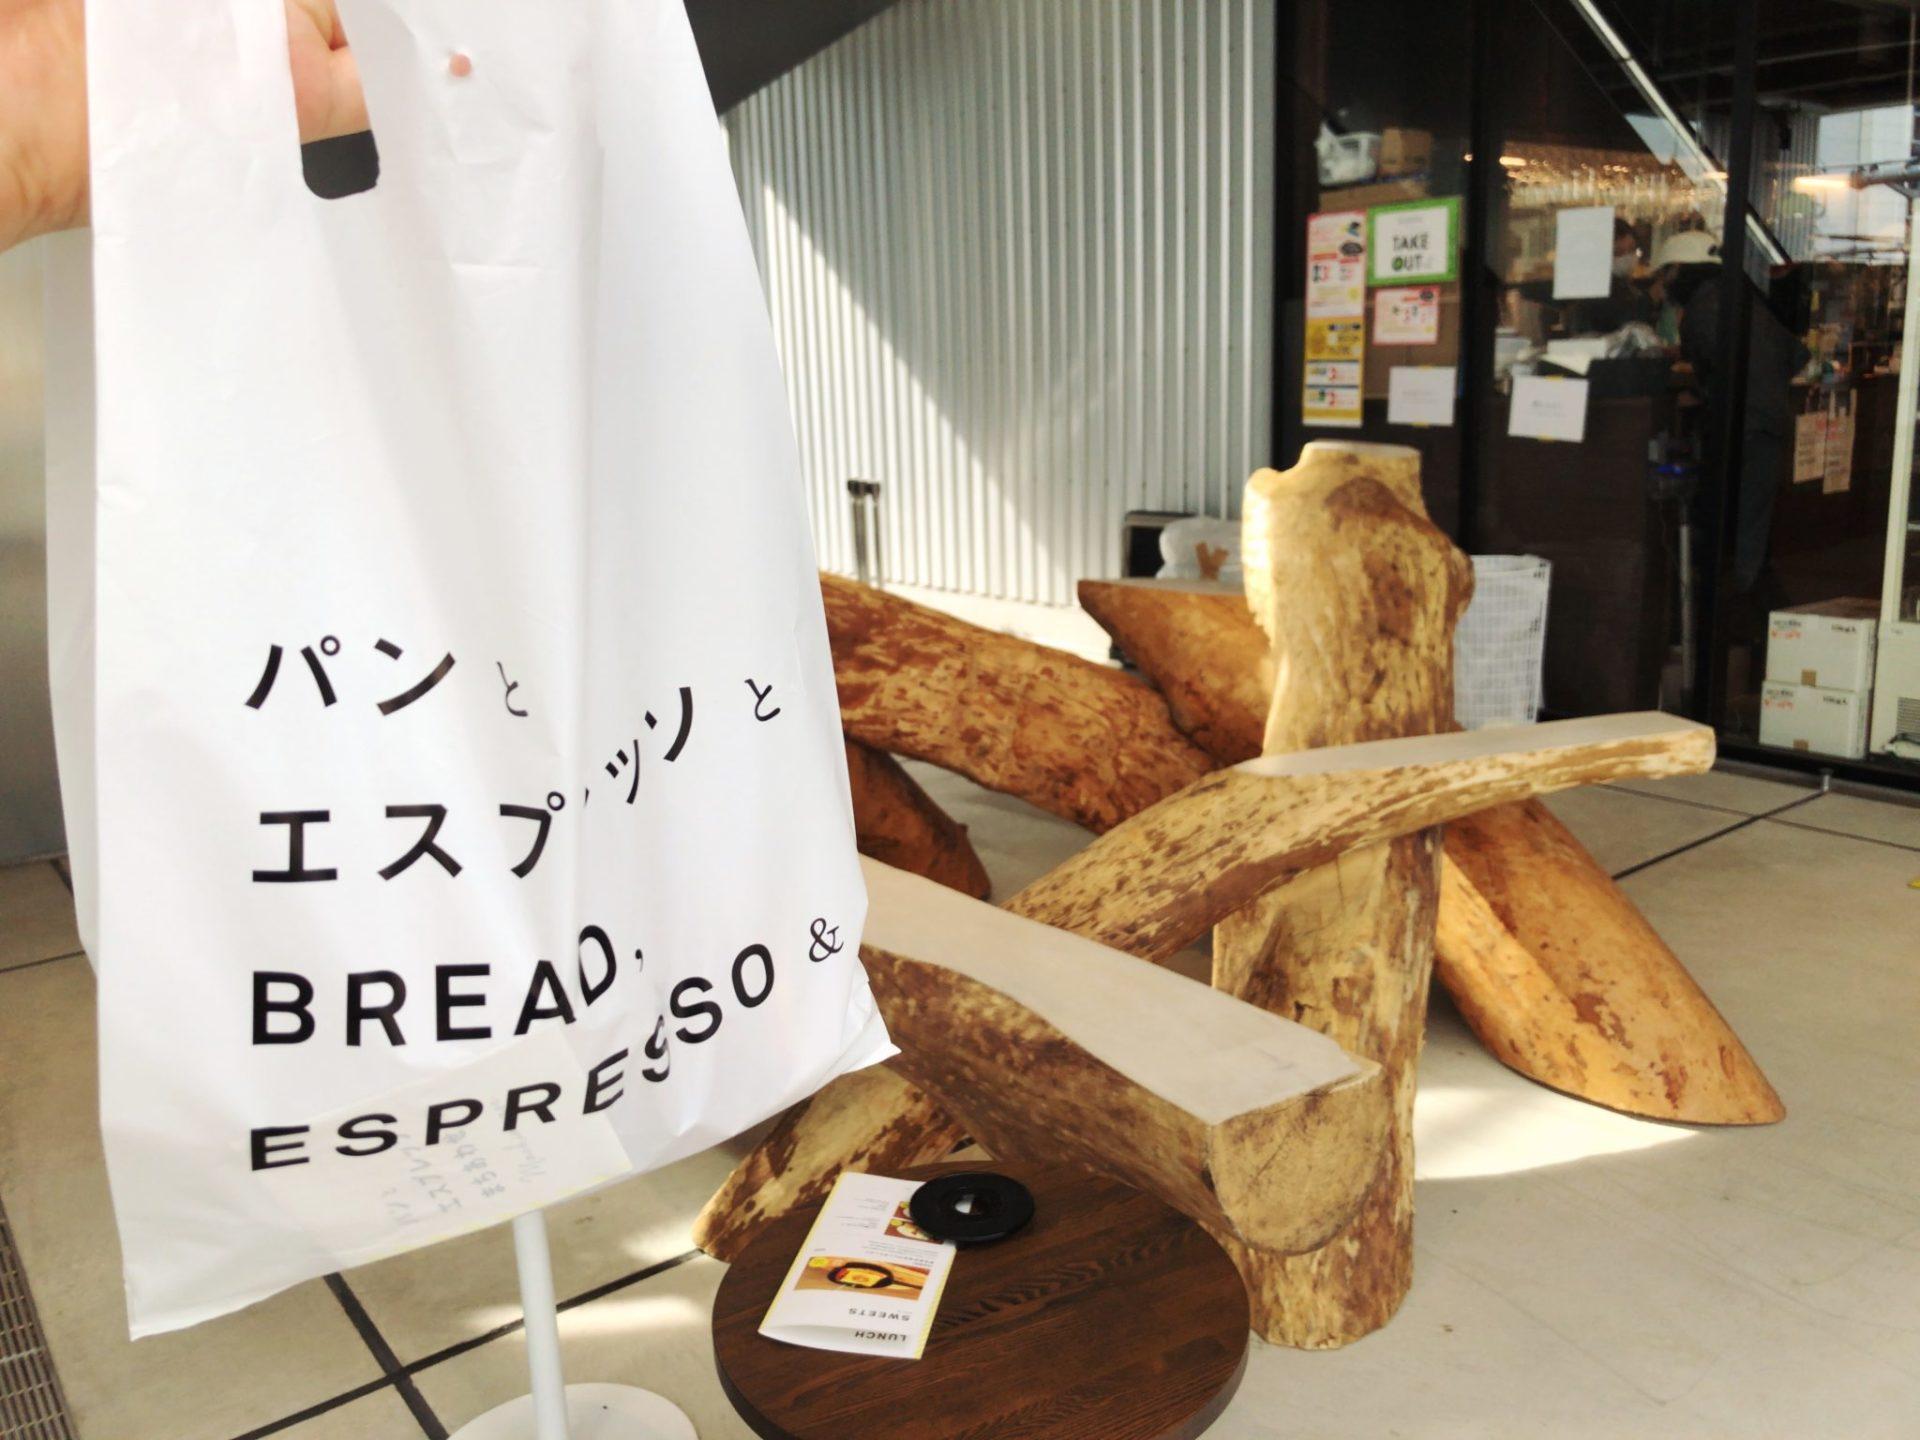 パンとエスプレッソとまちあわせの袋